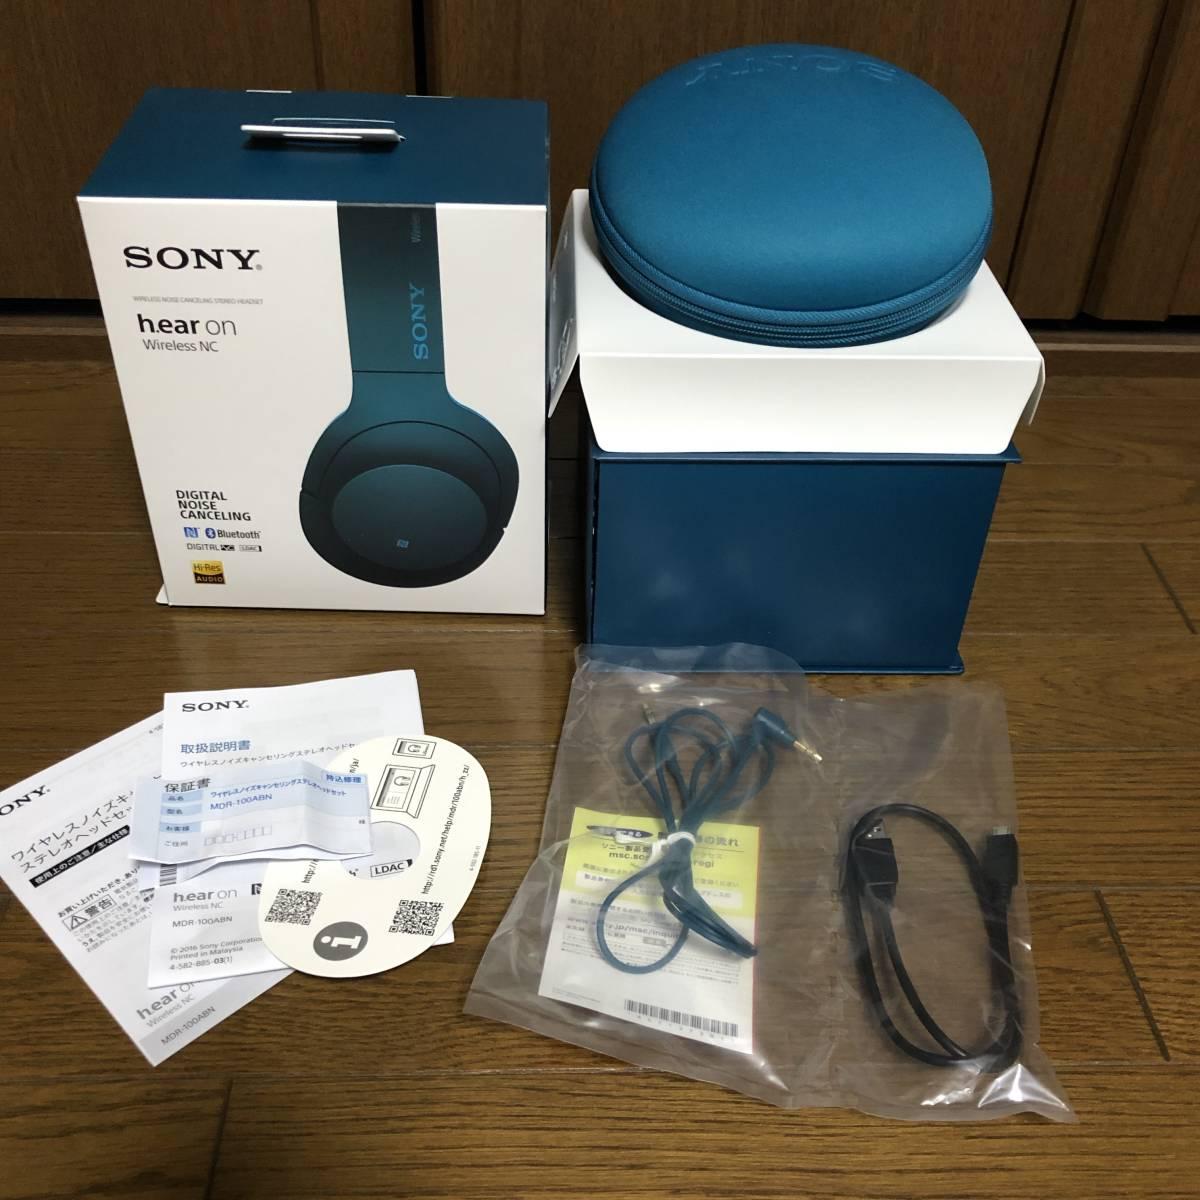 ソニー SONY ワイヤレスノイズキャンセリングヘッドホン h.ear on Wireless MDR-100ABN_画像3